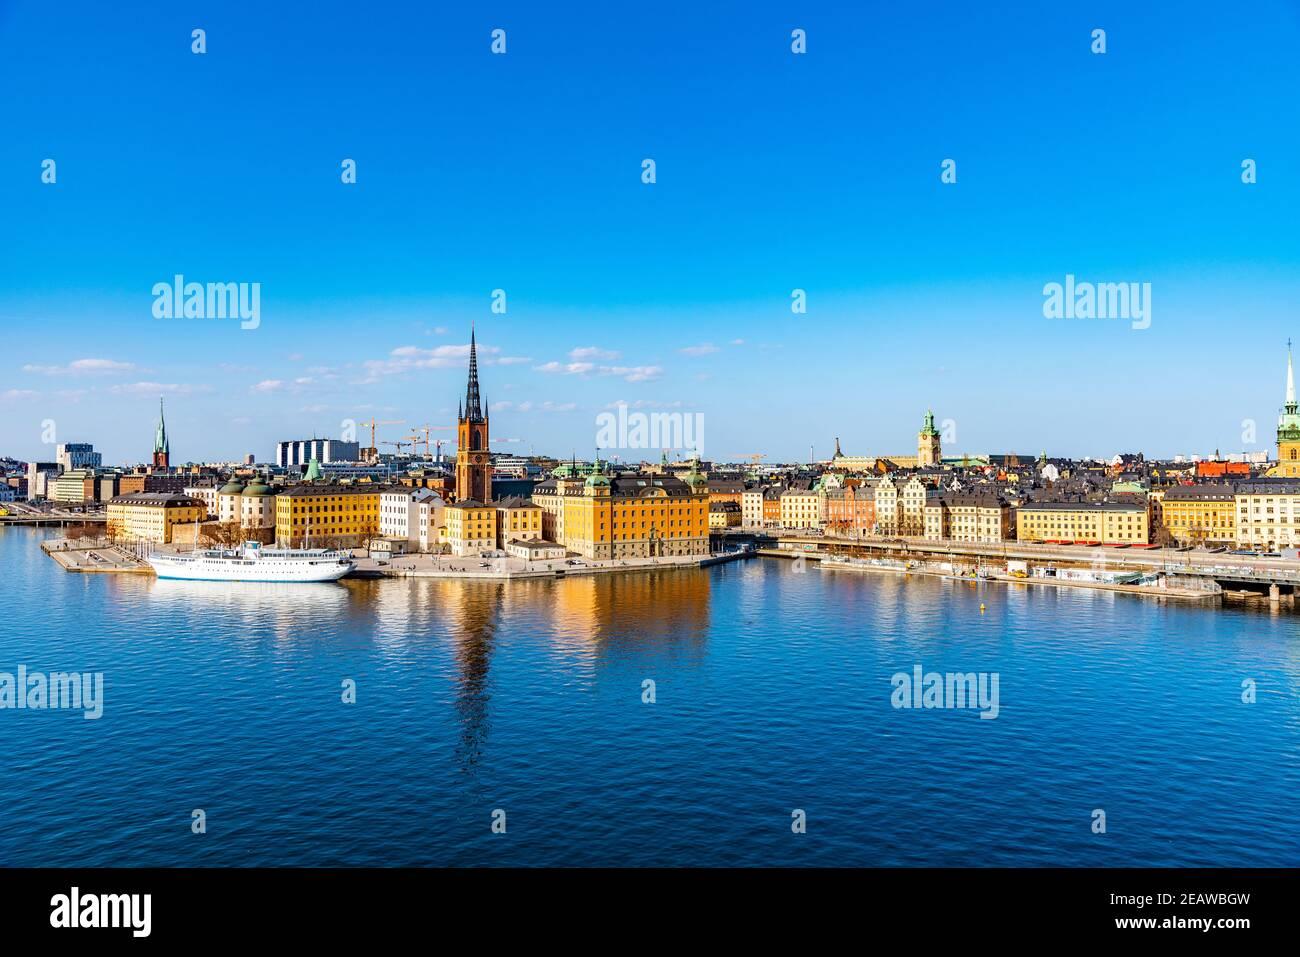 Gamla stan en Estocolmo visto desde la isla Sodermalm, Suecia Foto de stock